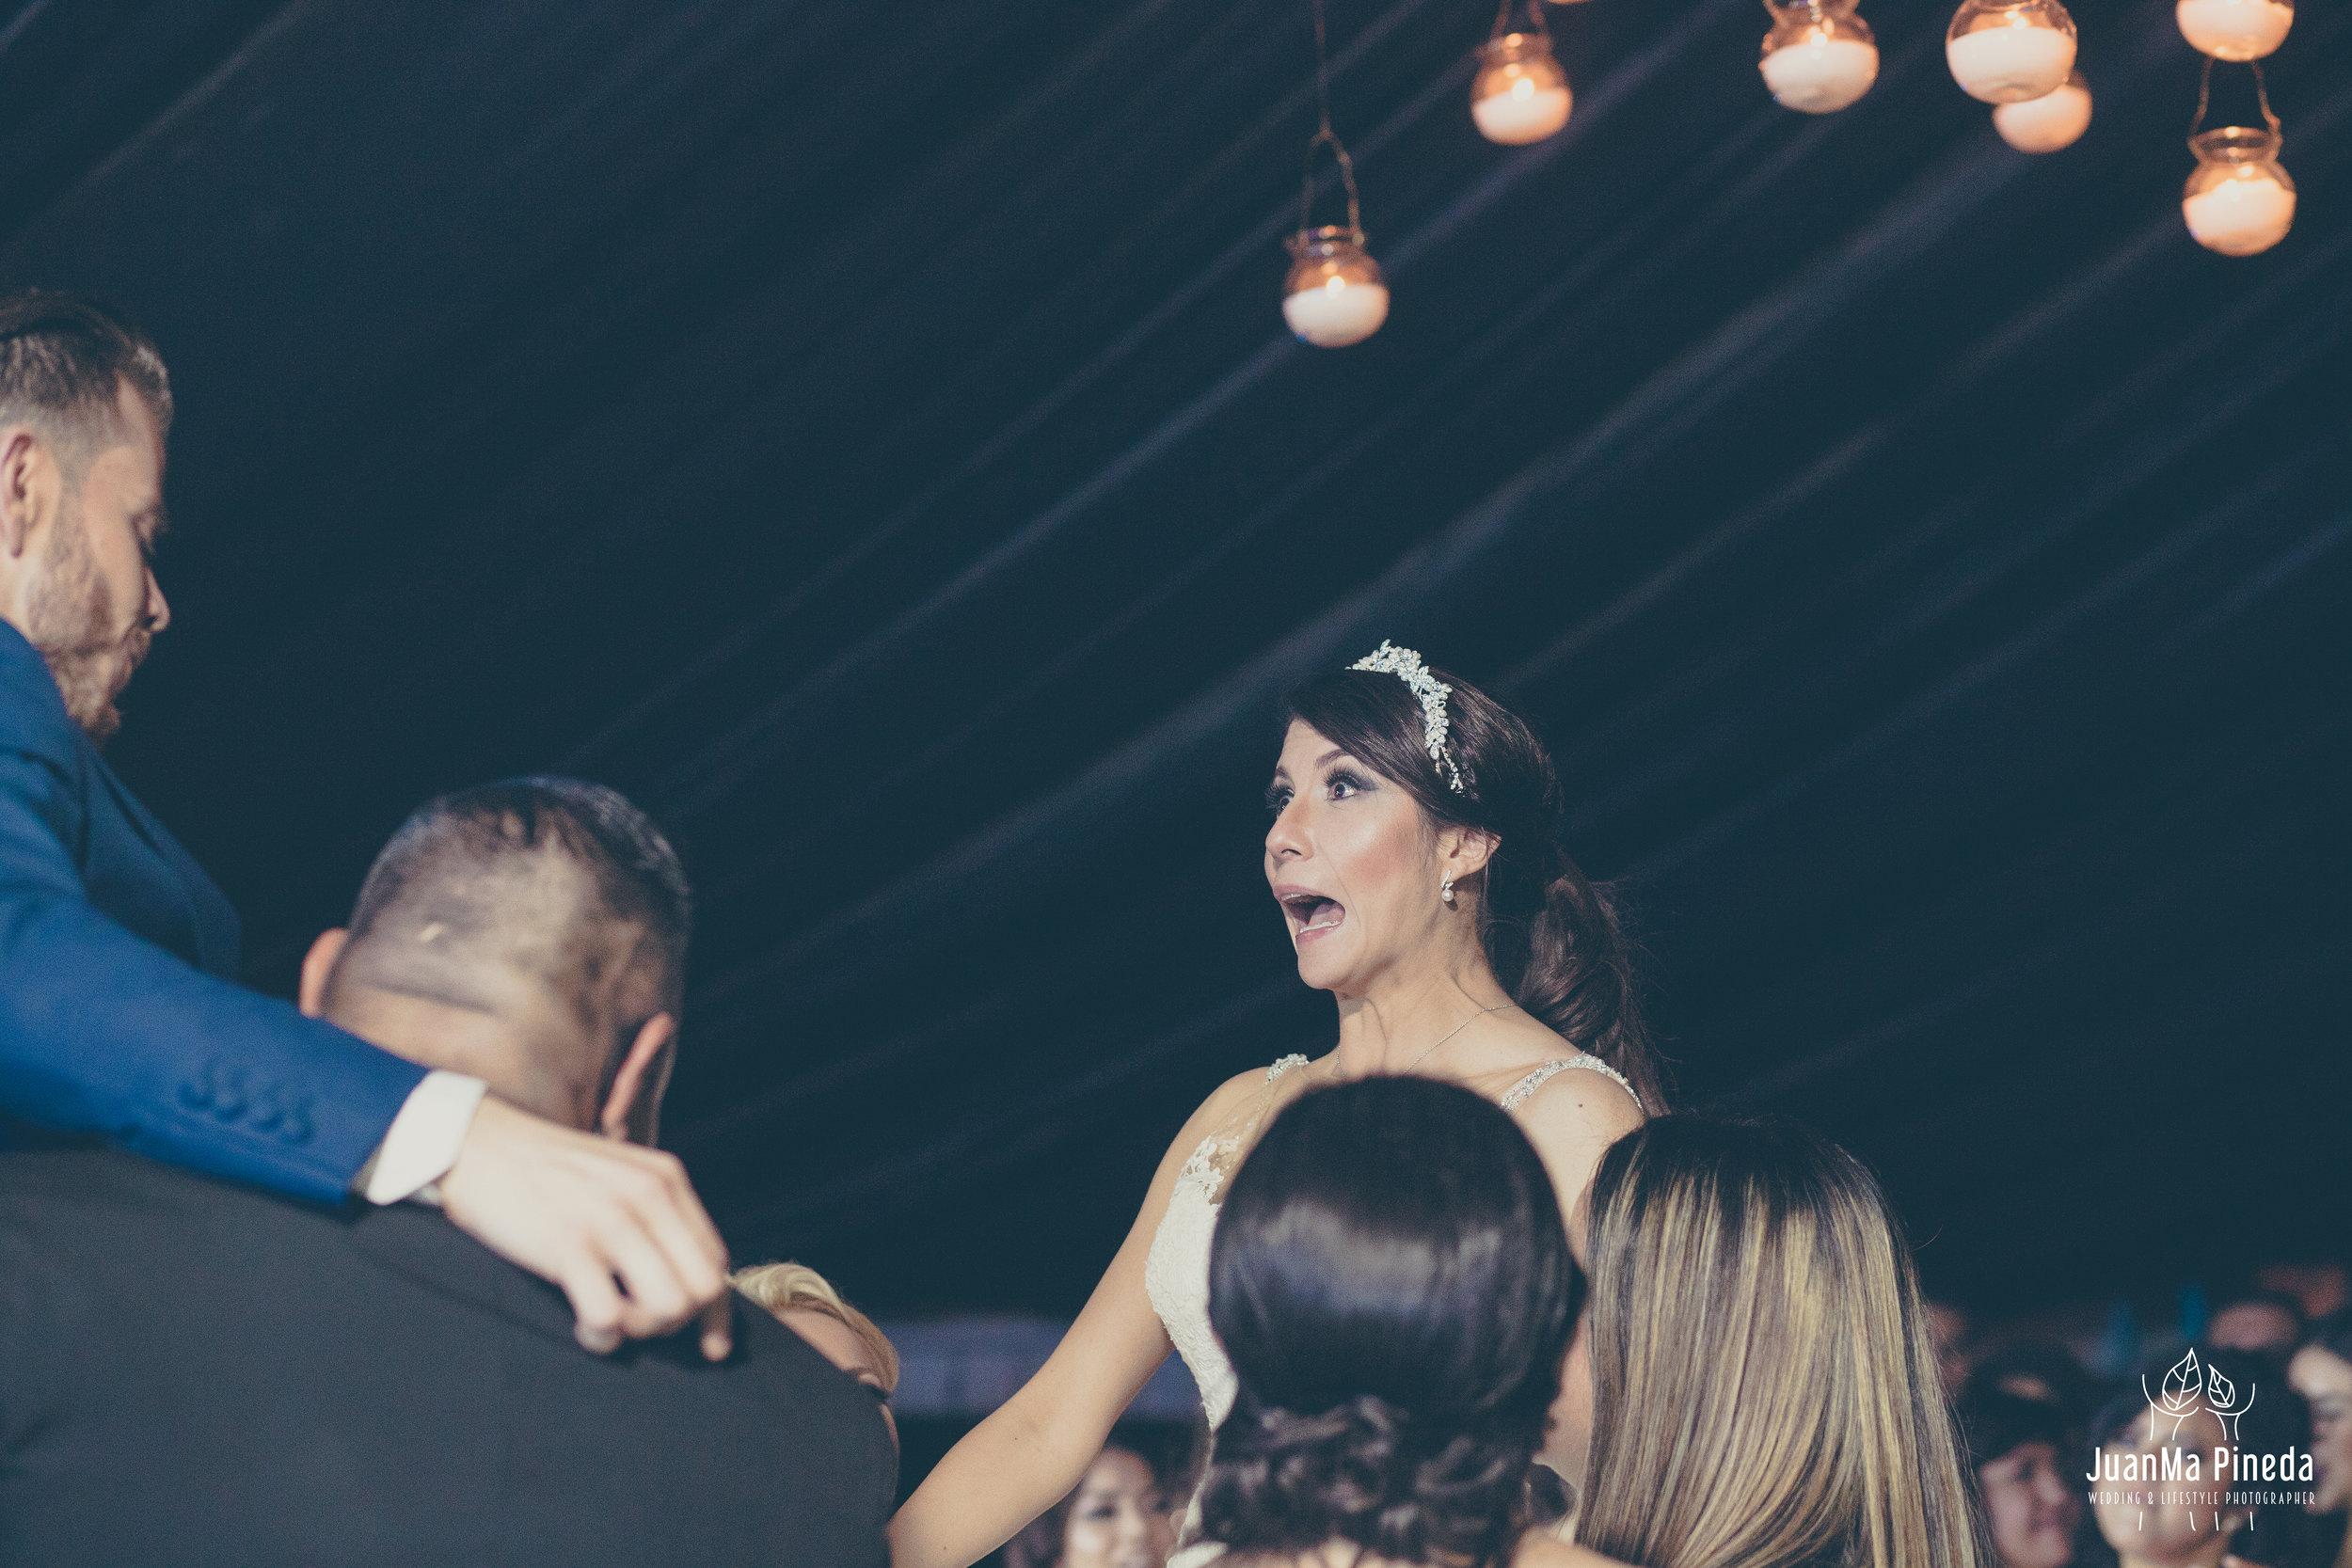 Juanma+Pineda+Photographer001.jpg